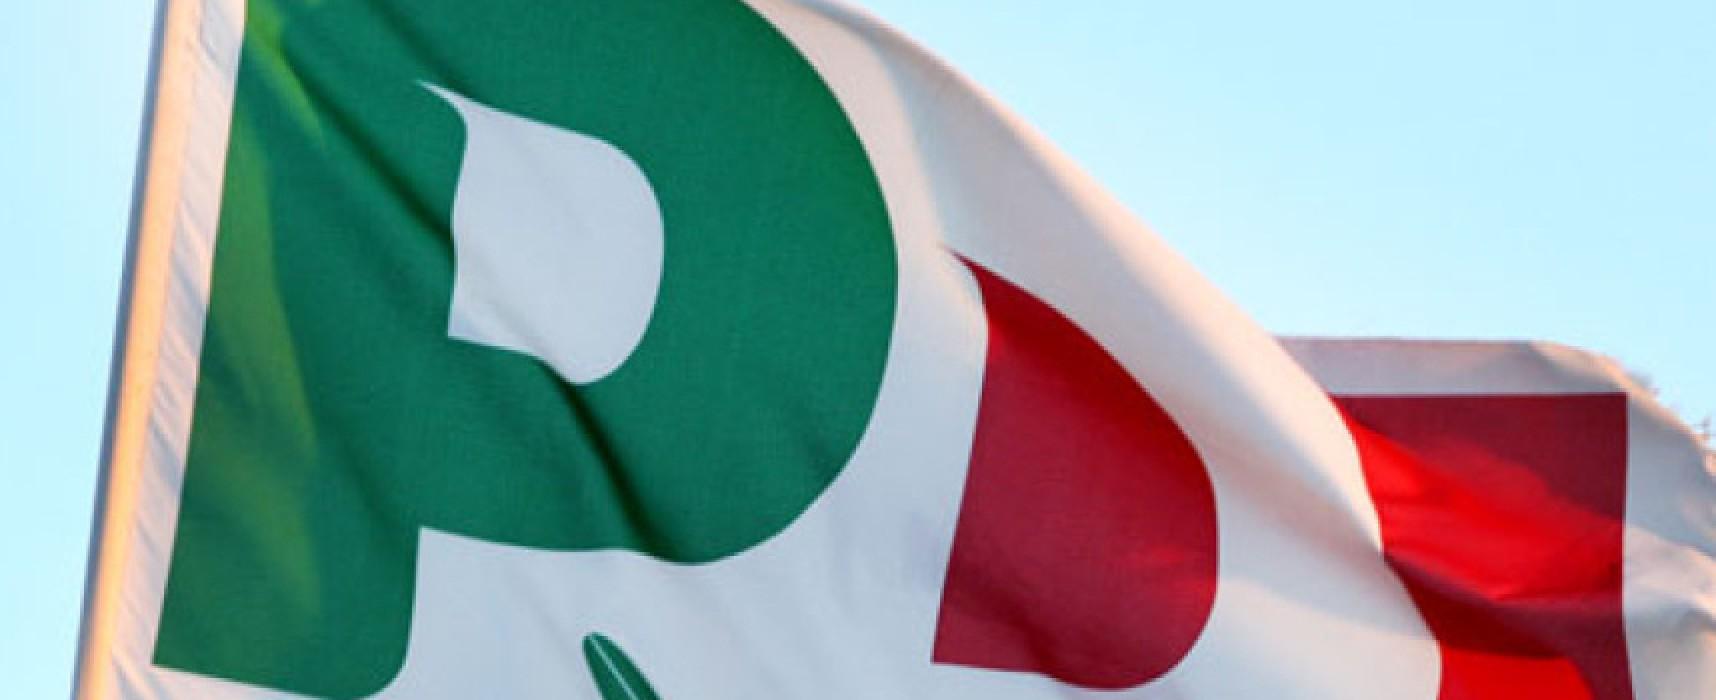 Puglia 2015, due giorni di appuntamenti elettorali per il Partito Democratico, Emiliano a Bisceglie